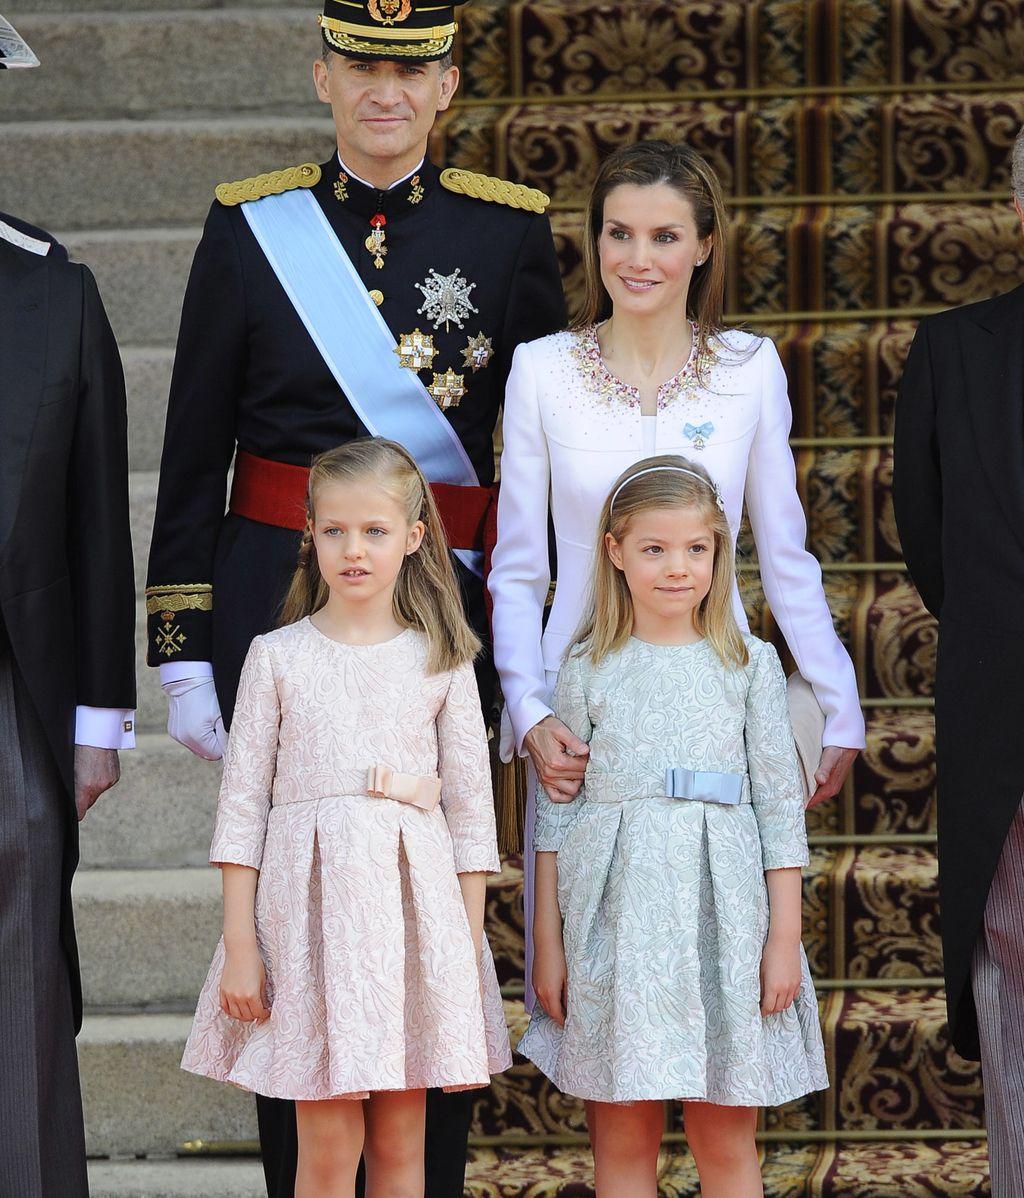 La Reina Letizia elige un look sobrio sin ornamentos para la proclamación de Felipe VI